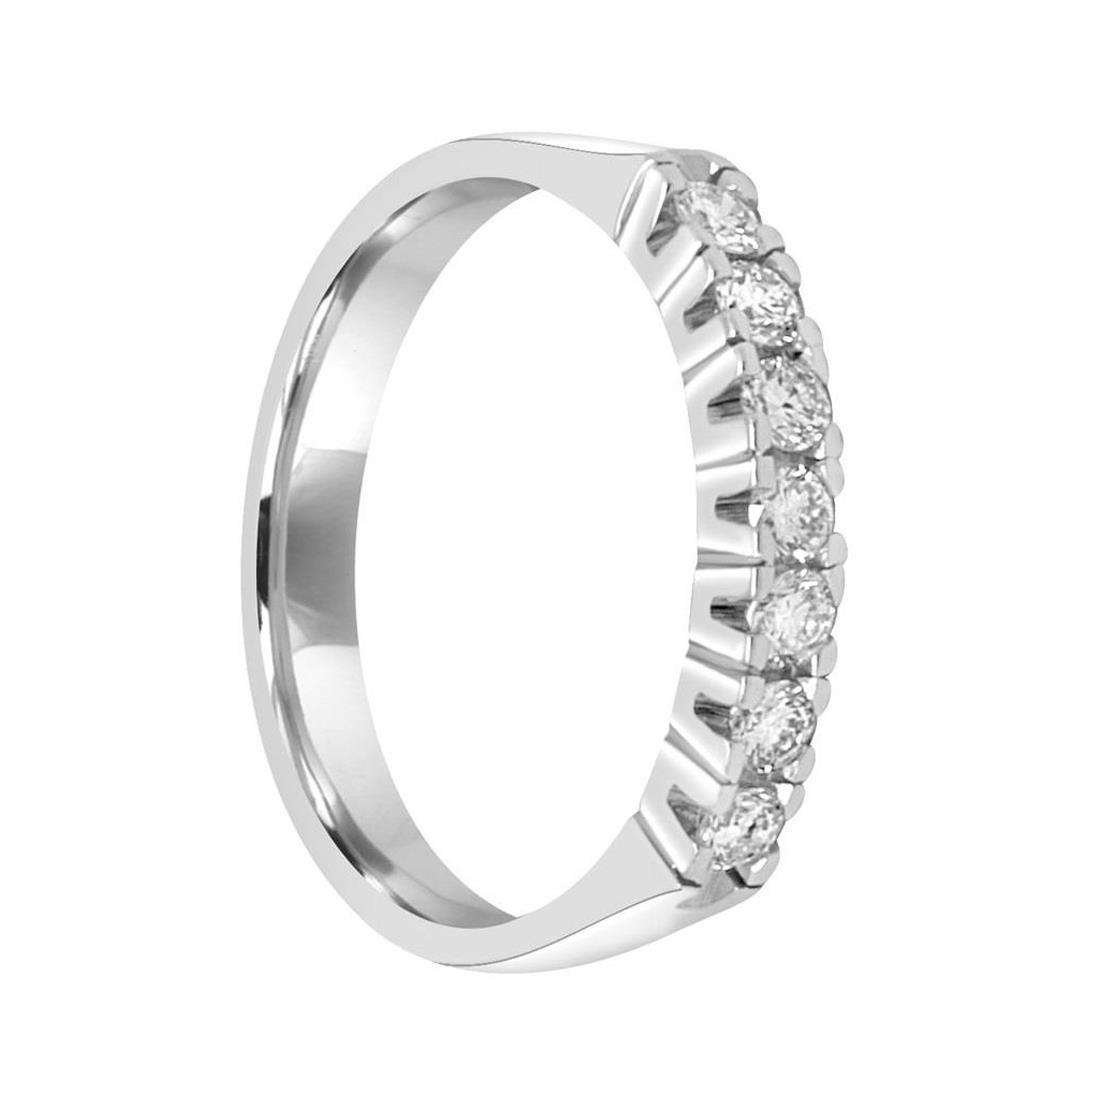 Anello veretta 7 pietre, diamanti ct. 0,55 - ORO&CO